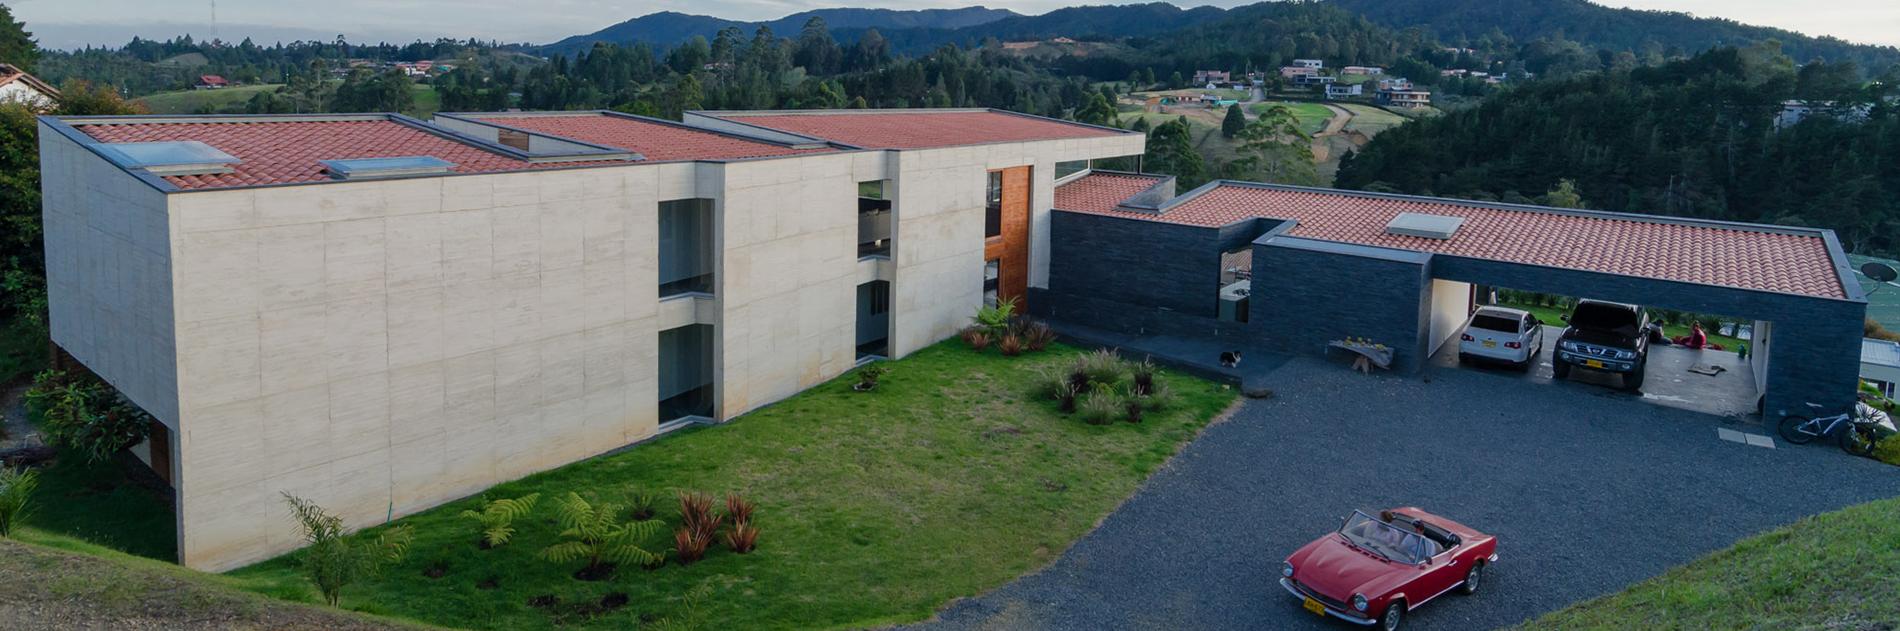 Planta Baja Estudio de arquitectura en Medellín